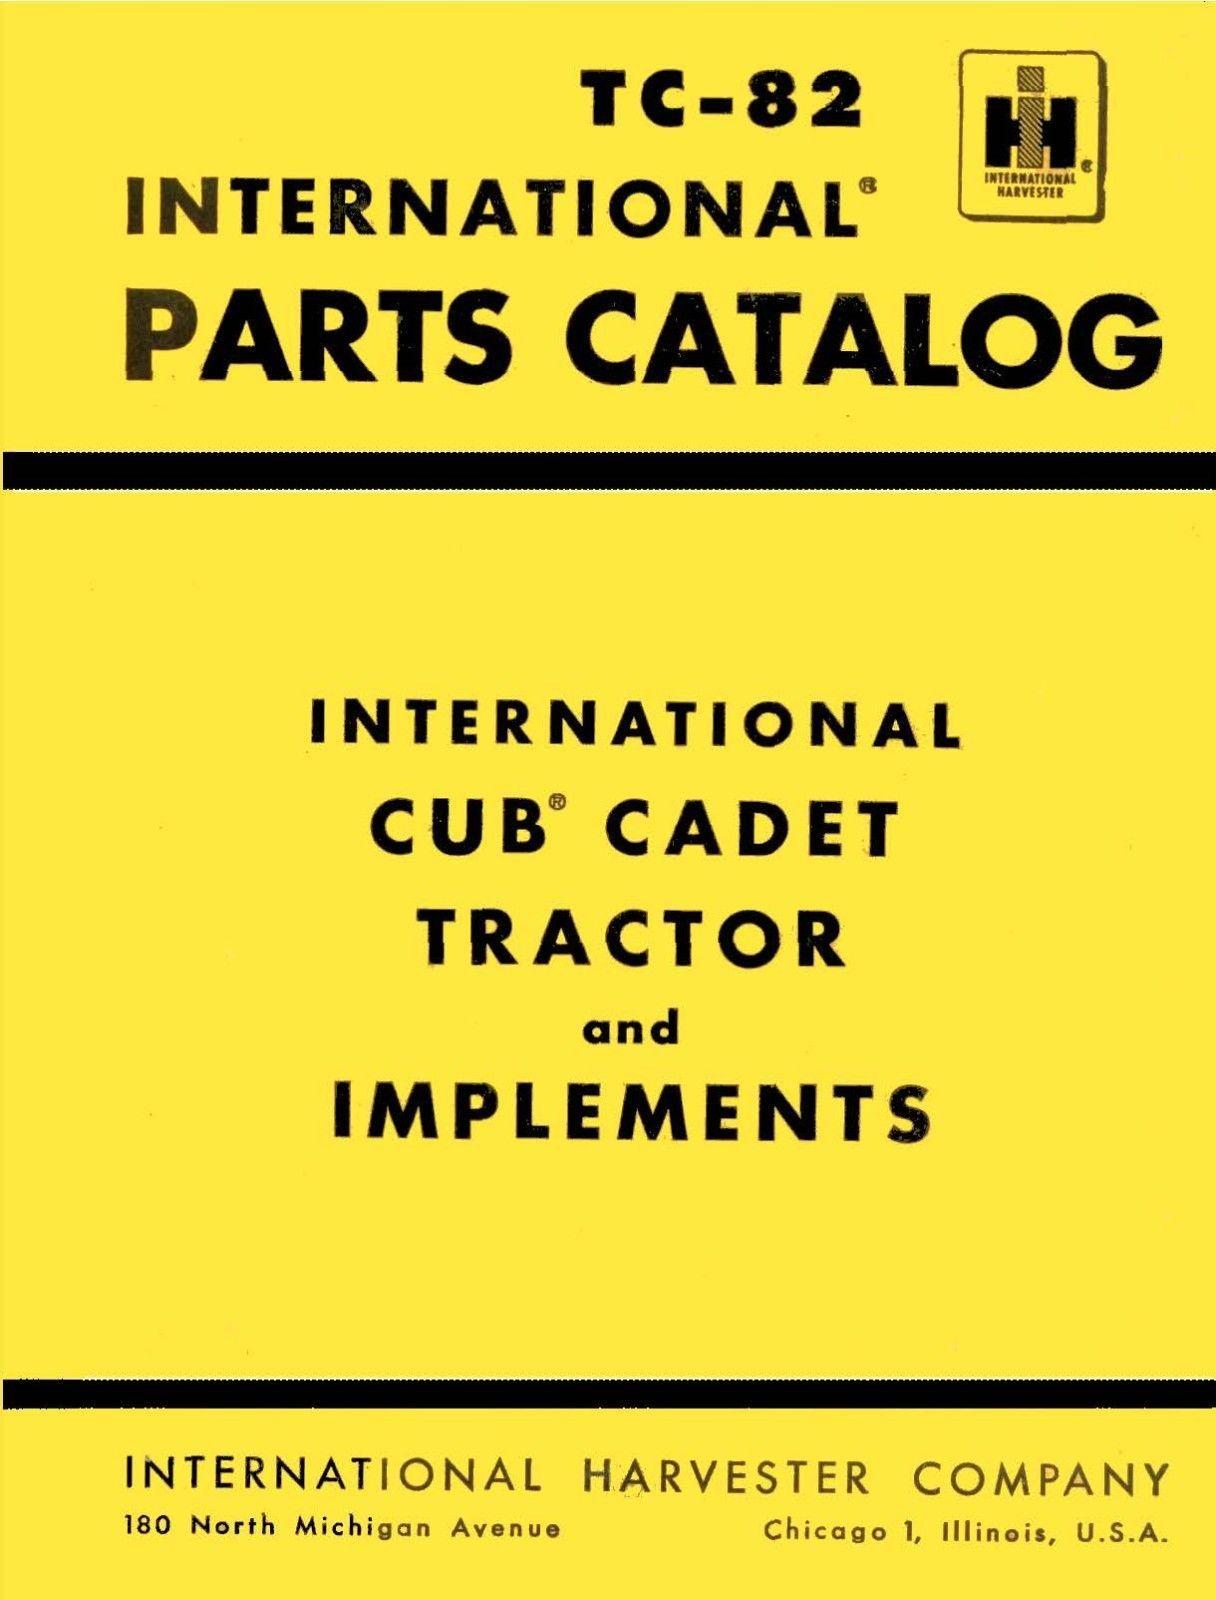 International Cub Cadet Tractor and Implements Parts Catalog Model No. TC-82